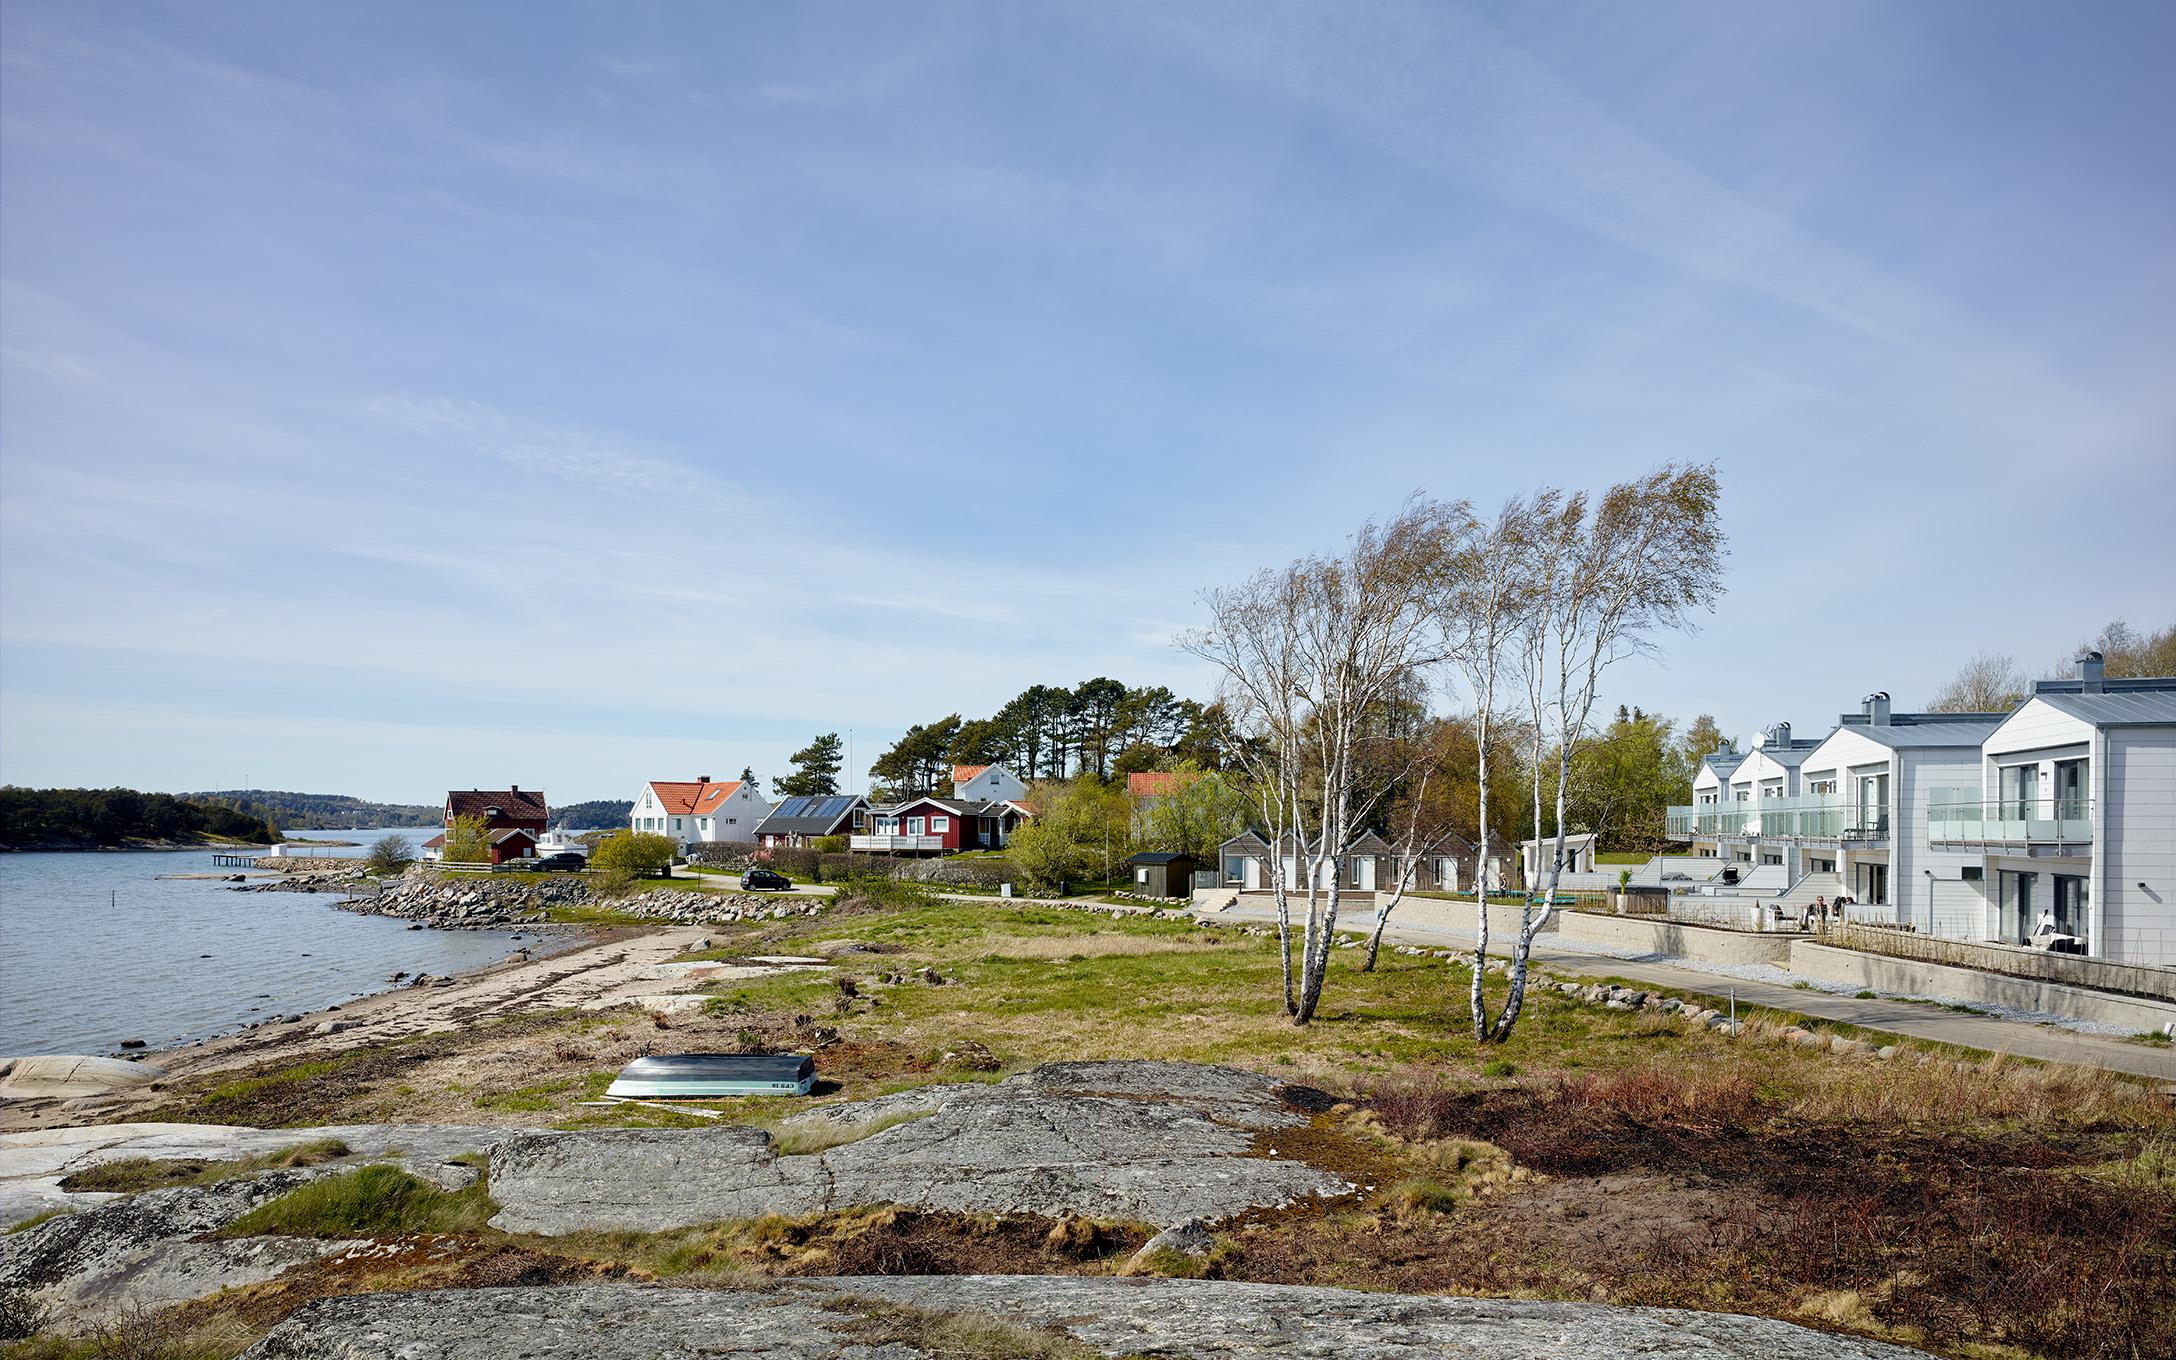 Kåkenäs, Stenungsund ritat av White